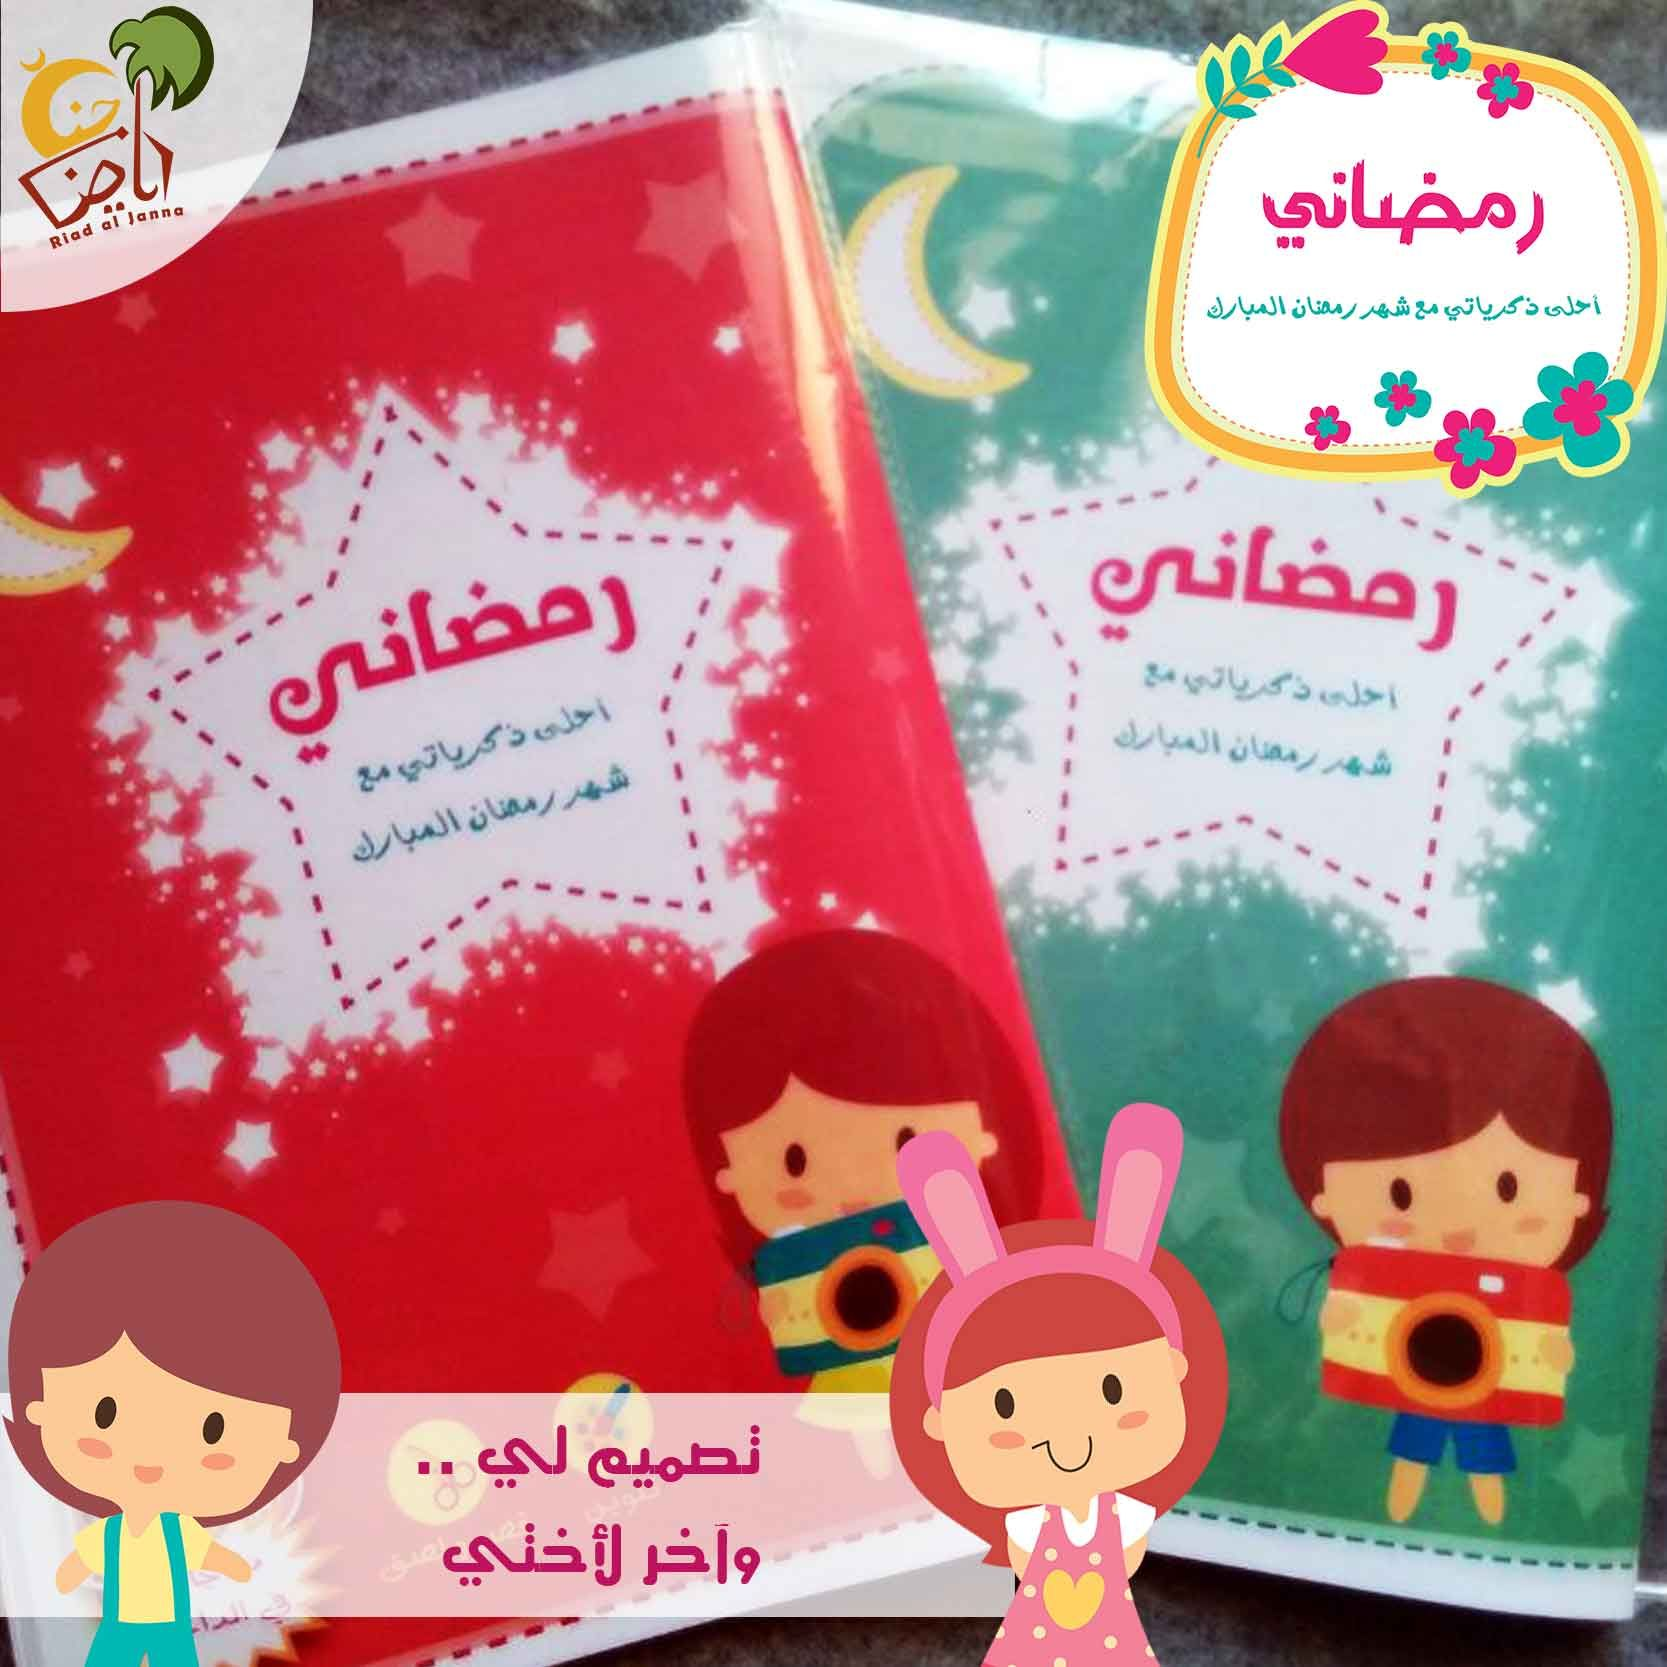 كتاب رمضاني كتاب فقه الصيام للأطفال لعمر 7 سنوات فما فوق يرافق طفلك طيلة أيام شهر رمضان المبارك نش Ramadan Decorations Ramadan Christmas Ornaments